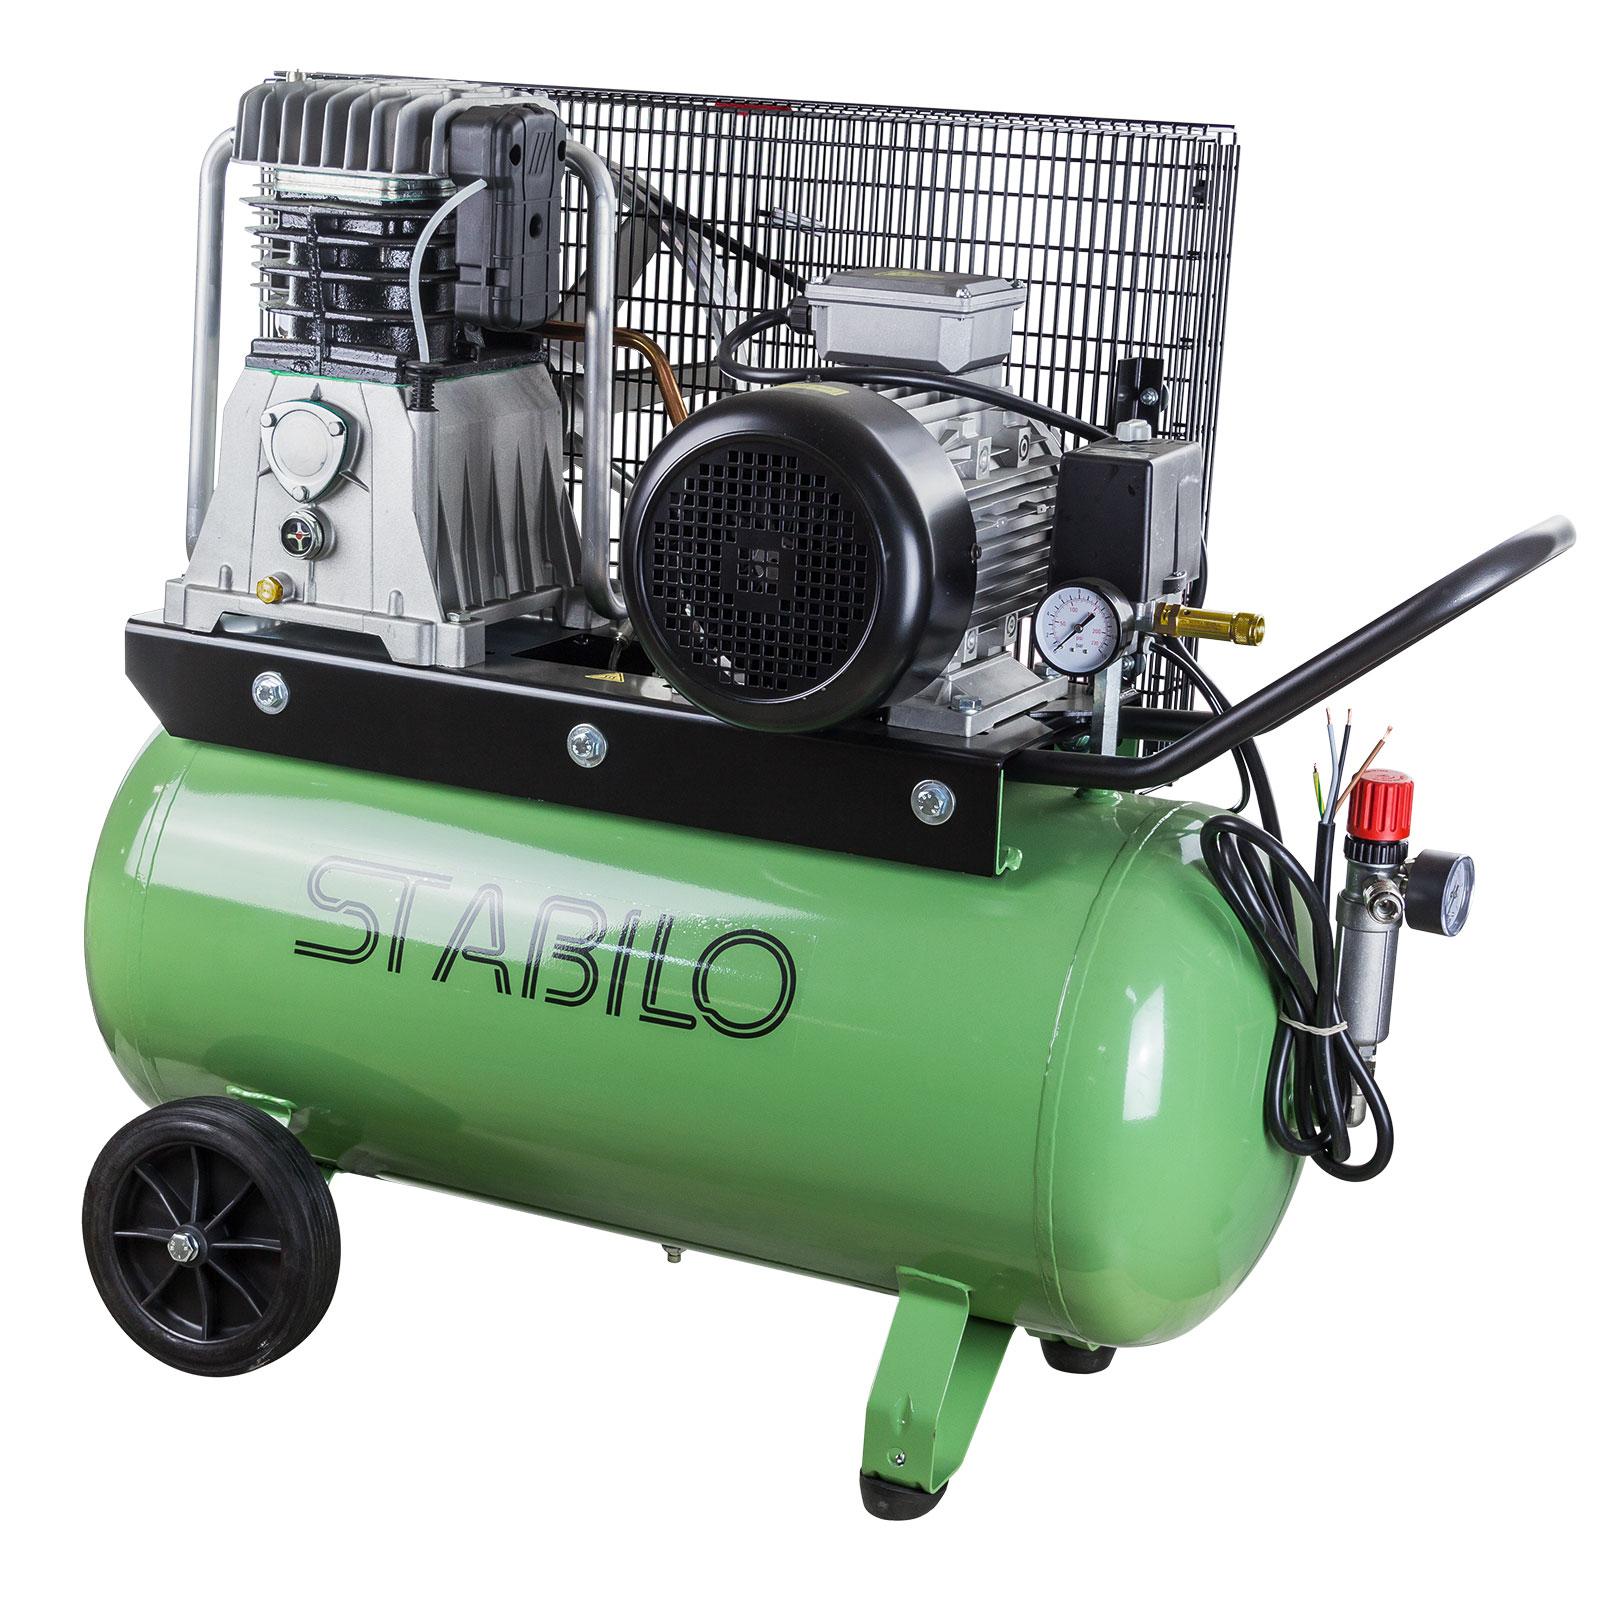 kompressor 10 bar 400v 700 11 100 druckluft kompressor neu. Black Bedroom Furniture Sets. Home Design Ideas